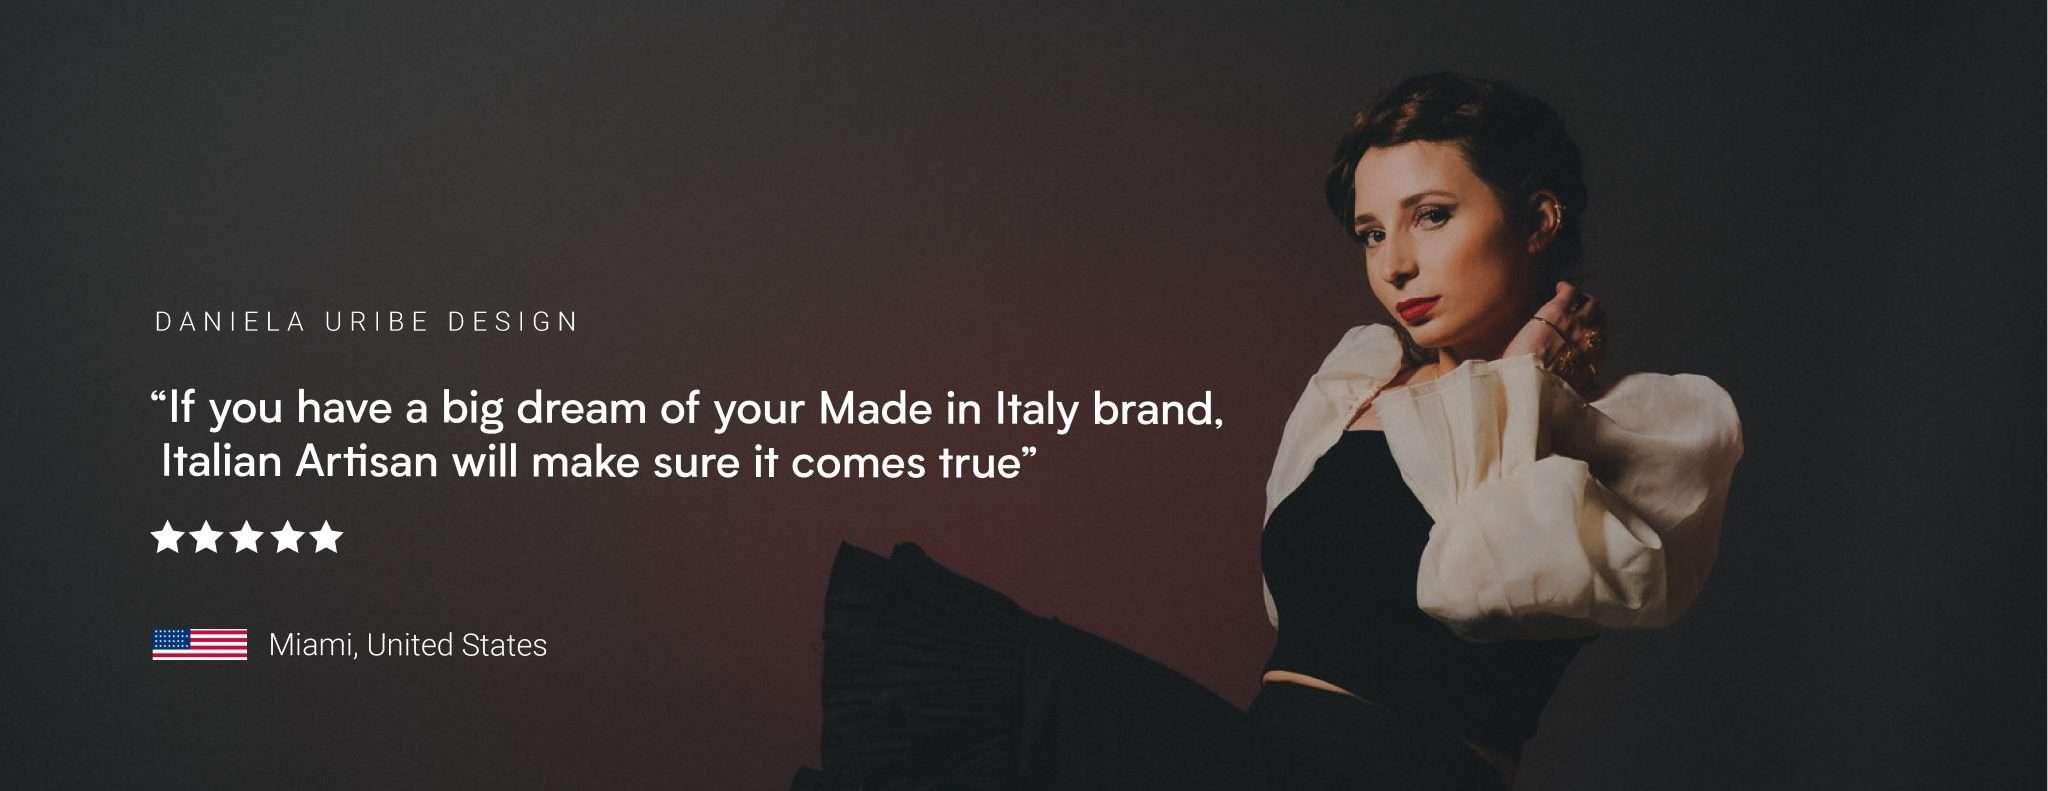 Website Italian Artisan 2.0-09